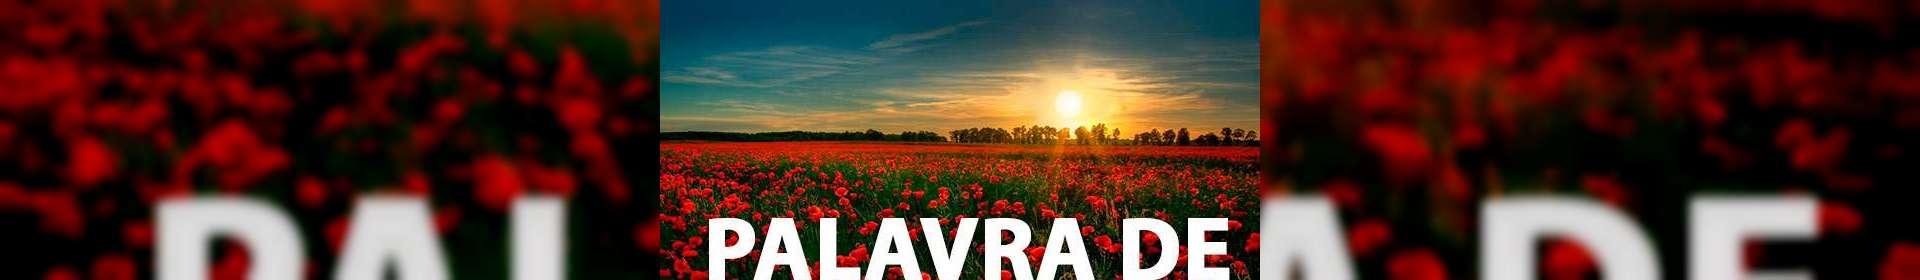 Isaías 58:11 - Uma Palavra de Esperança para sua vida